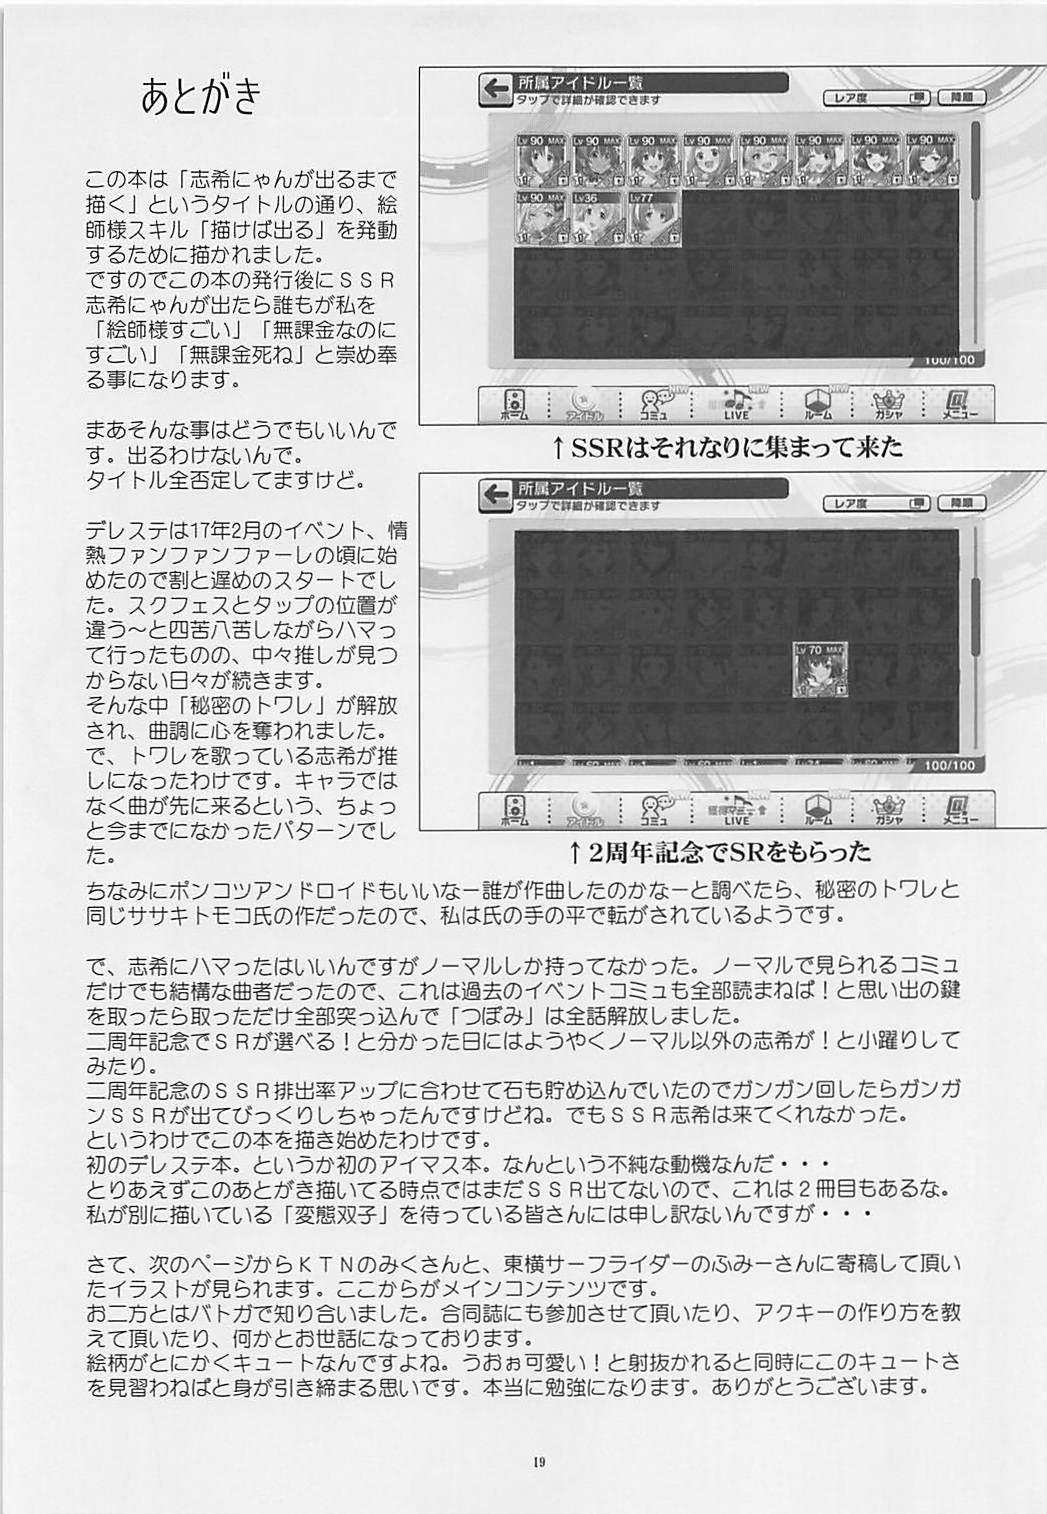 Shiki-nyan ga Deru made Kaku stage 1 17